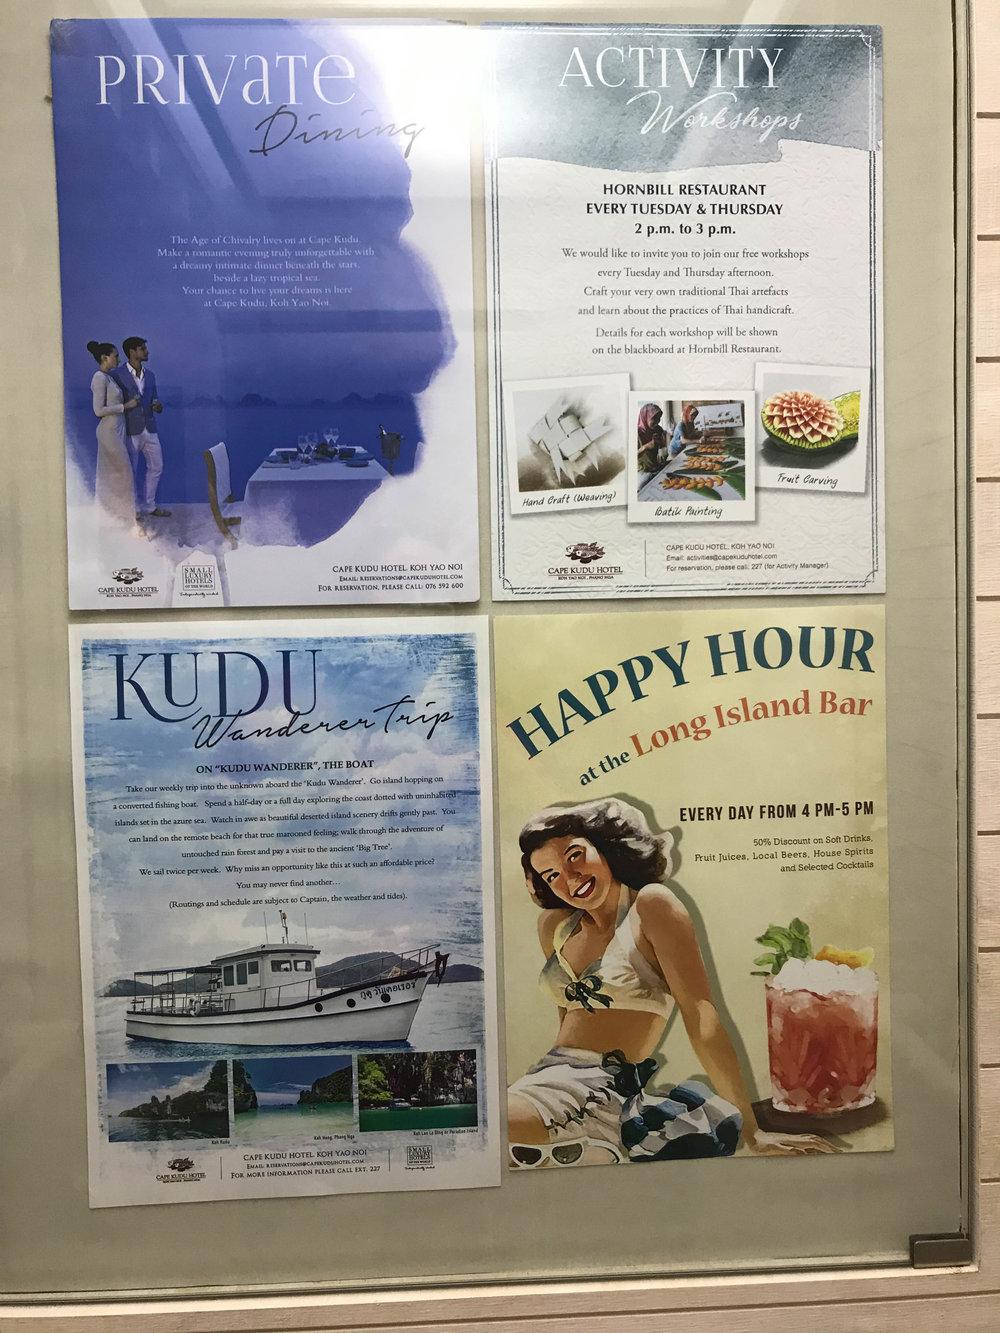 Cade Kudu Hotel - Koi Yao Noi, Thailand - hotel activities